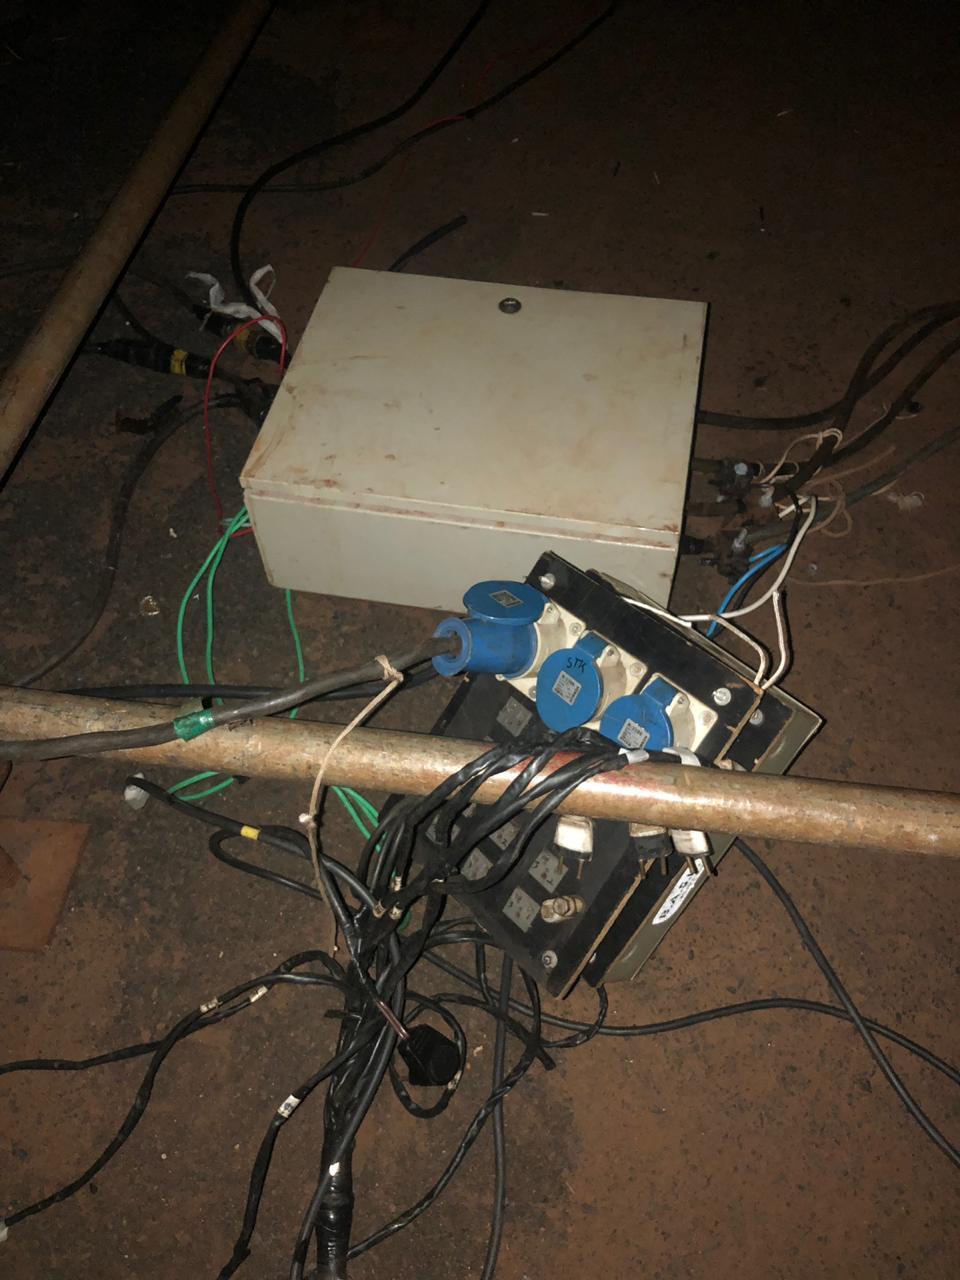 Carlos Barbosa de Souza recebeu descarga elétrica e caiu de uma altura aproximada de 6 metros — Foto: Bombeiros/Divulgação